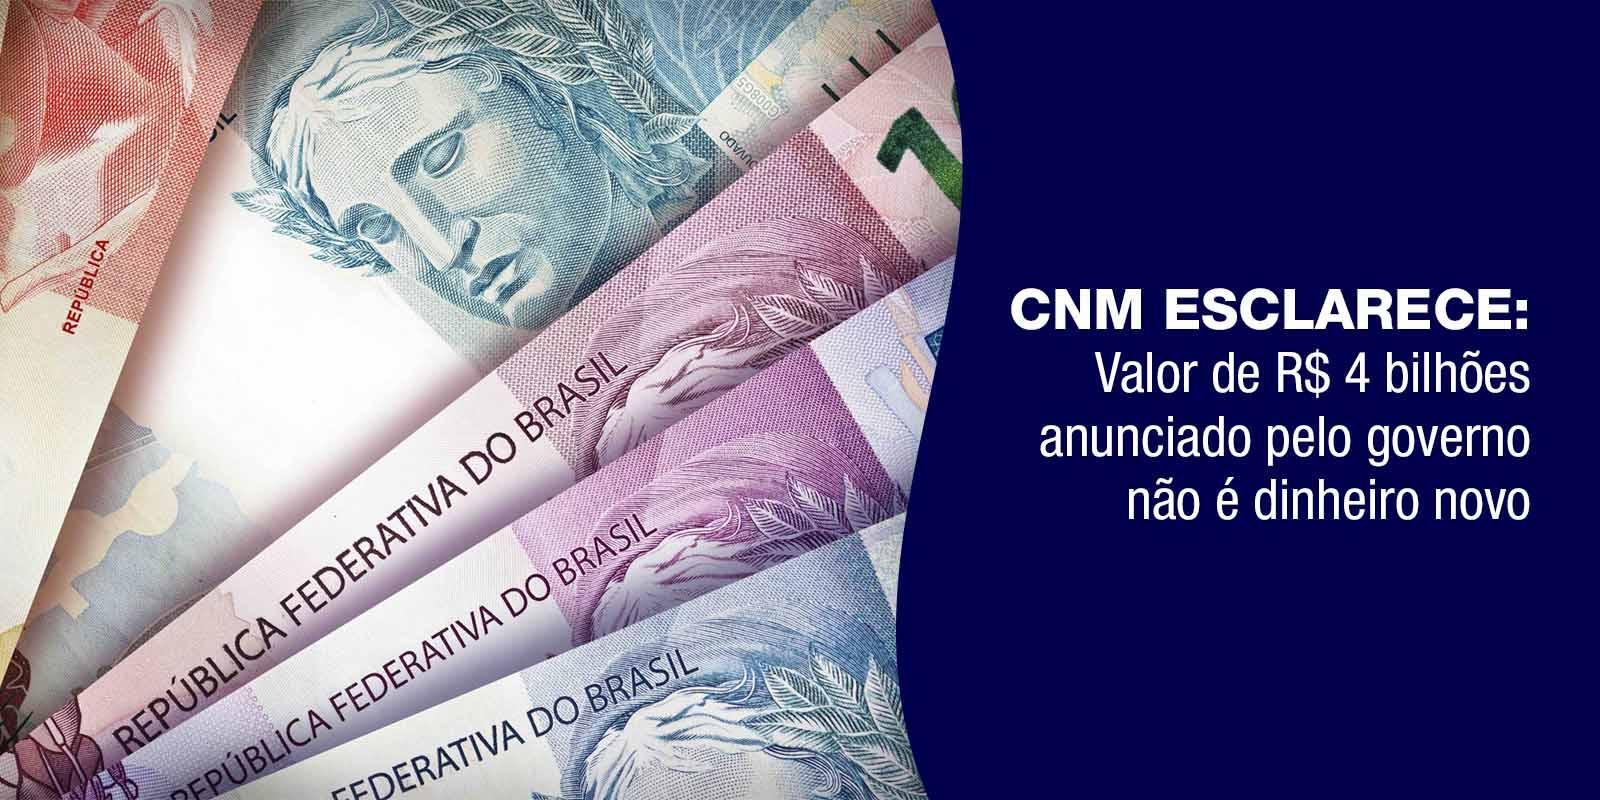 CNM esclarece: Valor de R$ 4 bilhões anunciado pelo governo não é dinheiro novo